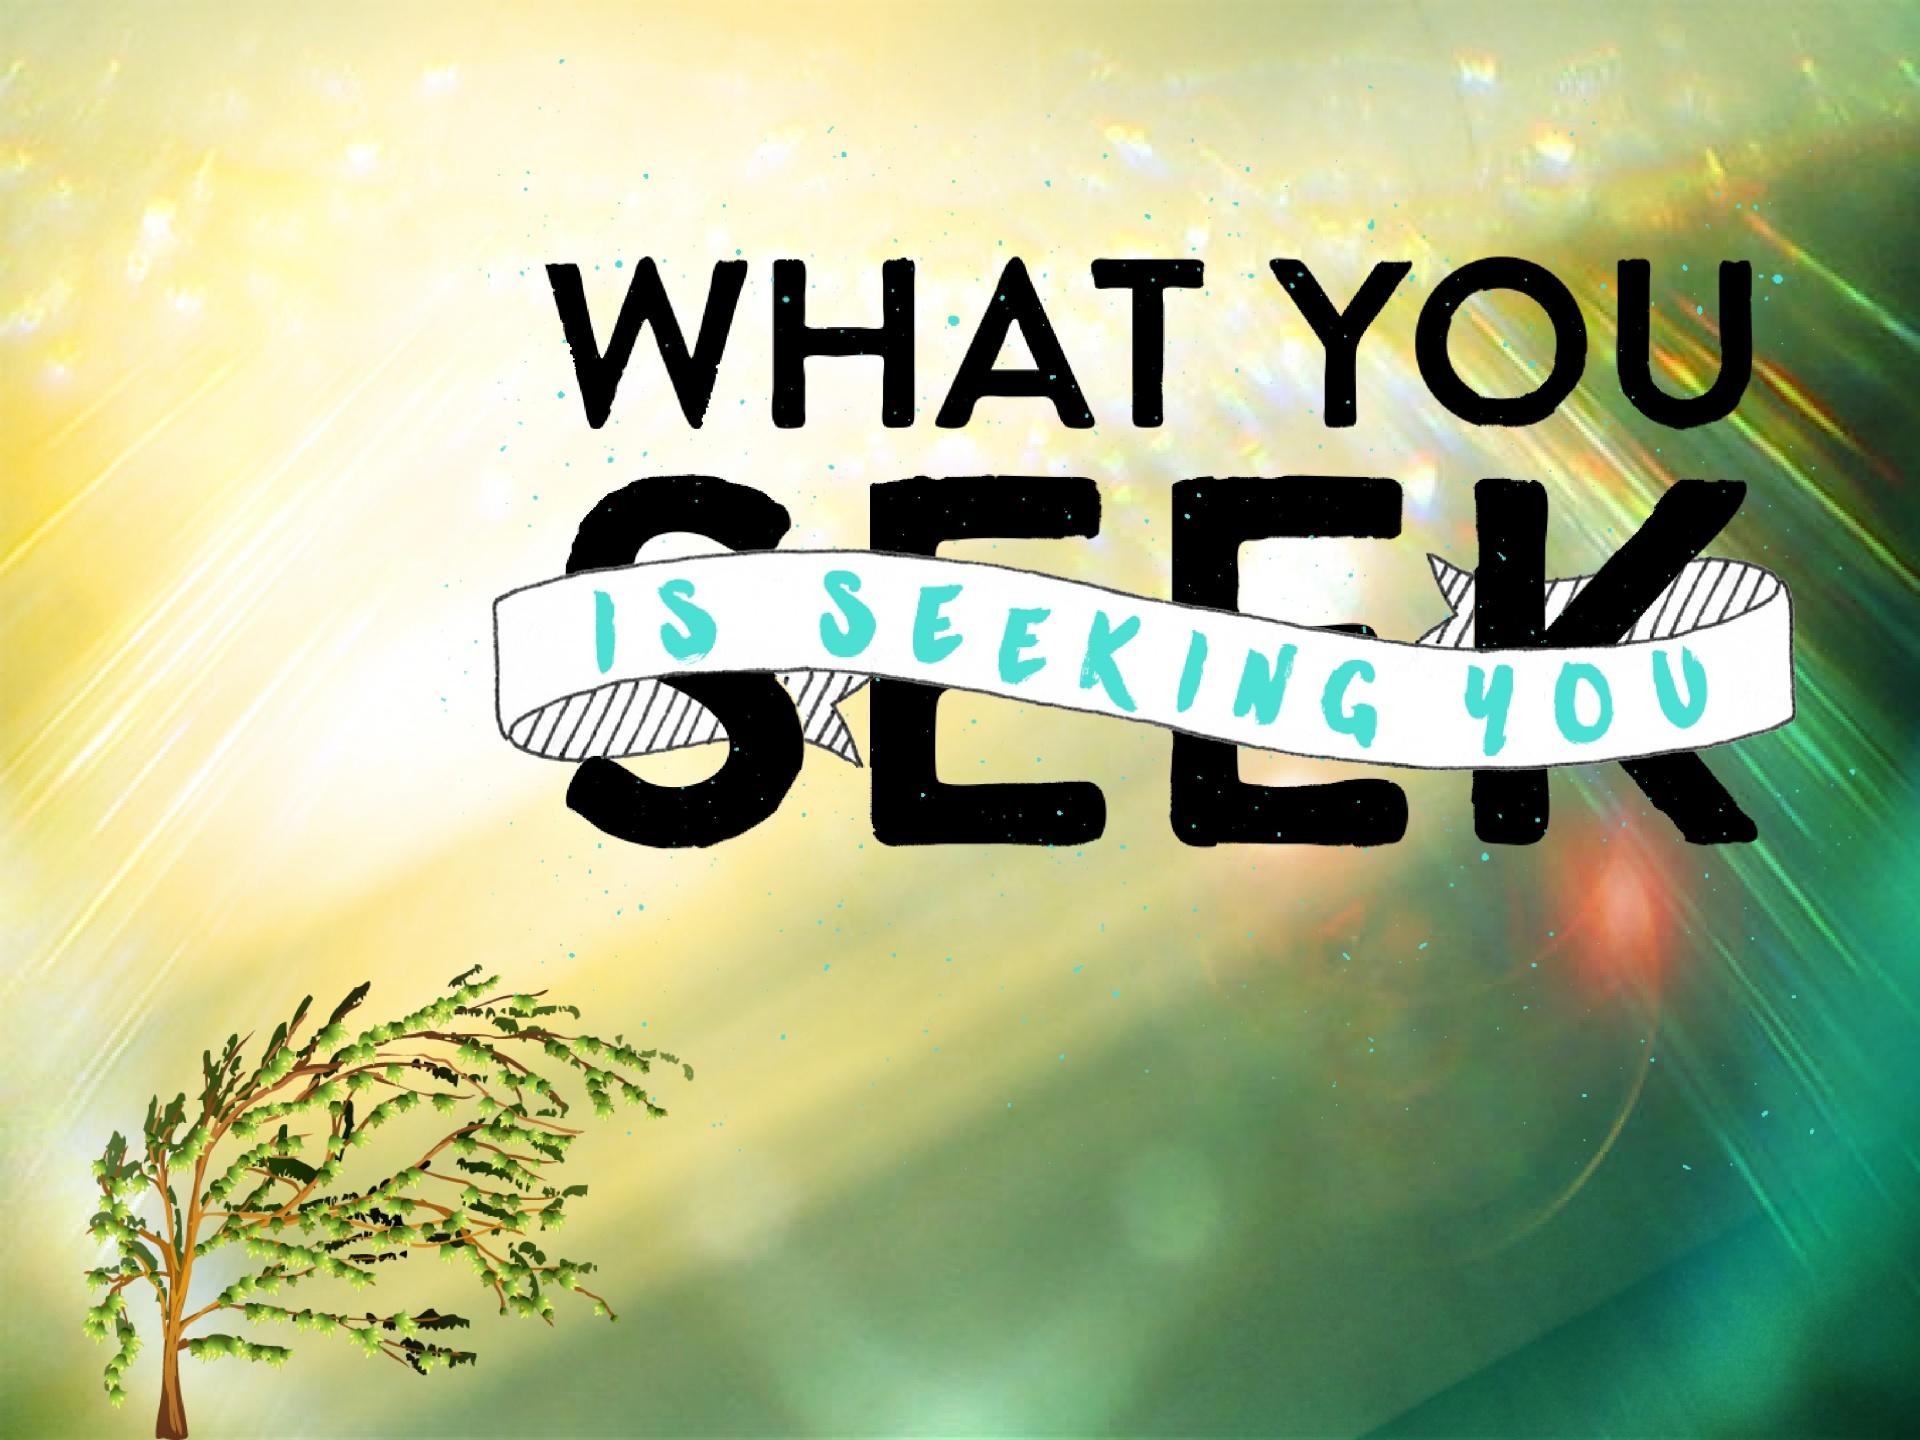 Looking, Seeking, What You Seek